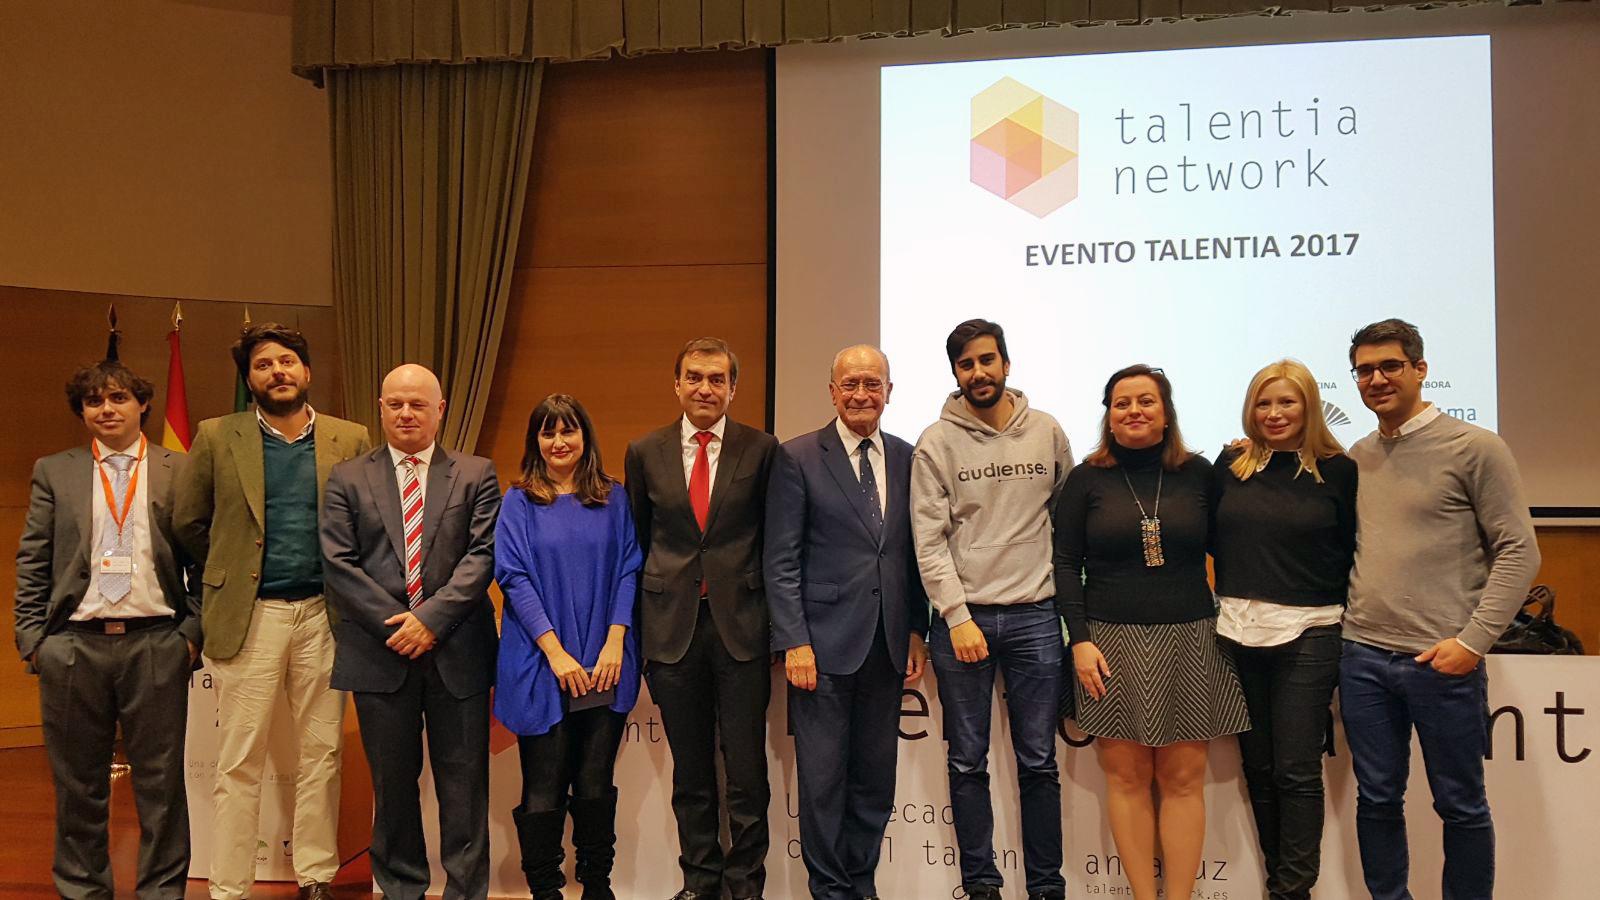 Entrega de los premios Talentia Network